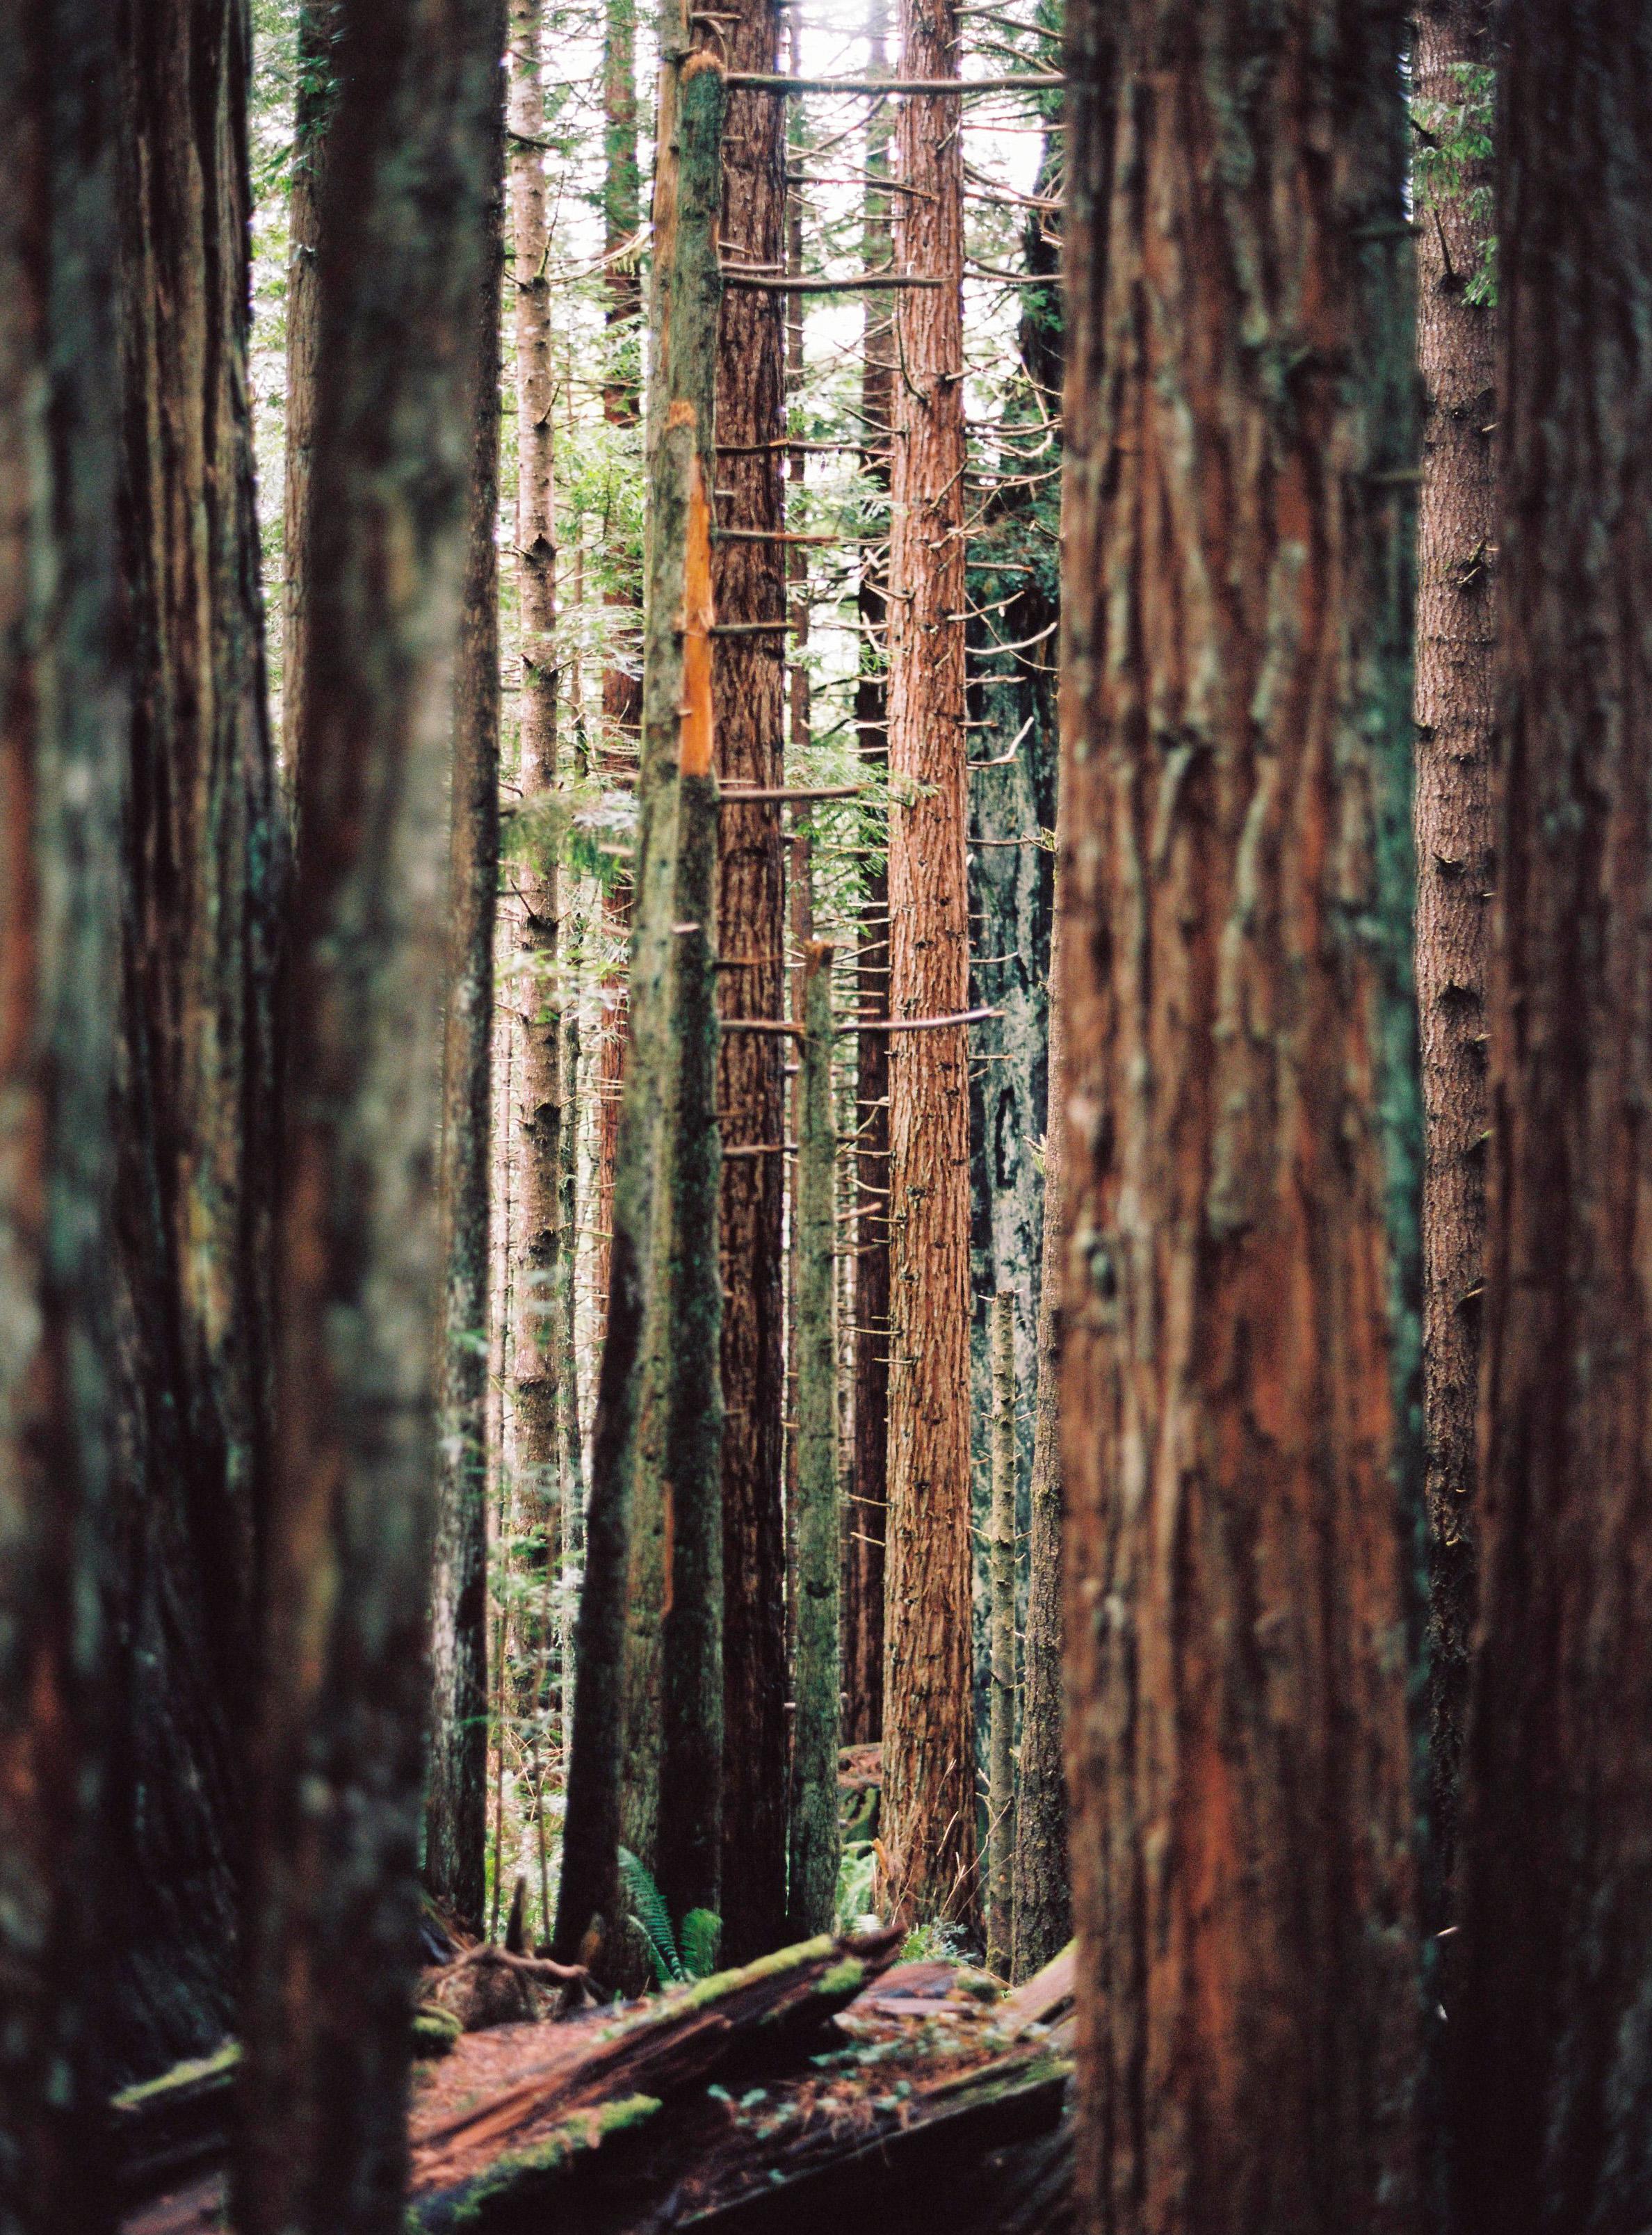 11-Redwoods-P400CelineHamelin_OregonRoadtrip-171.jpg